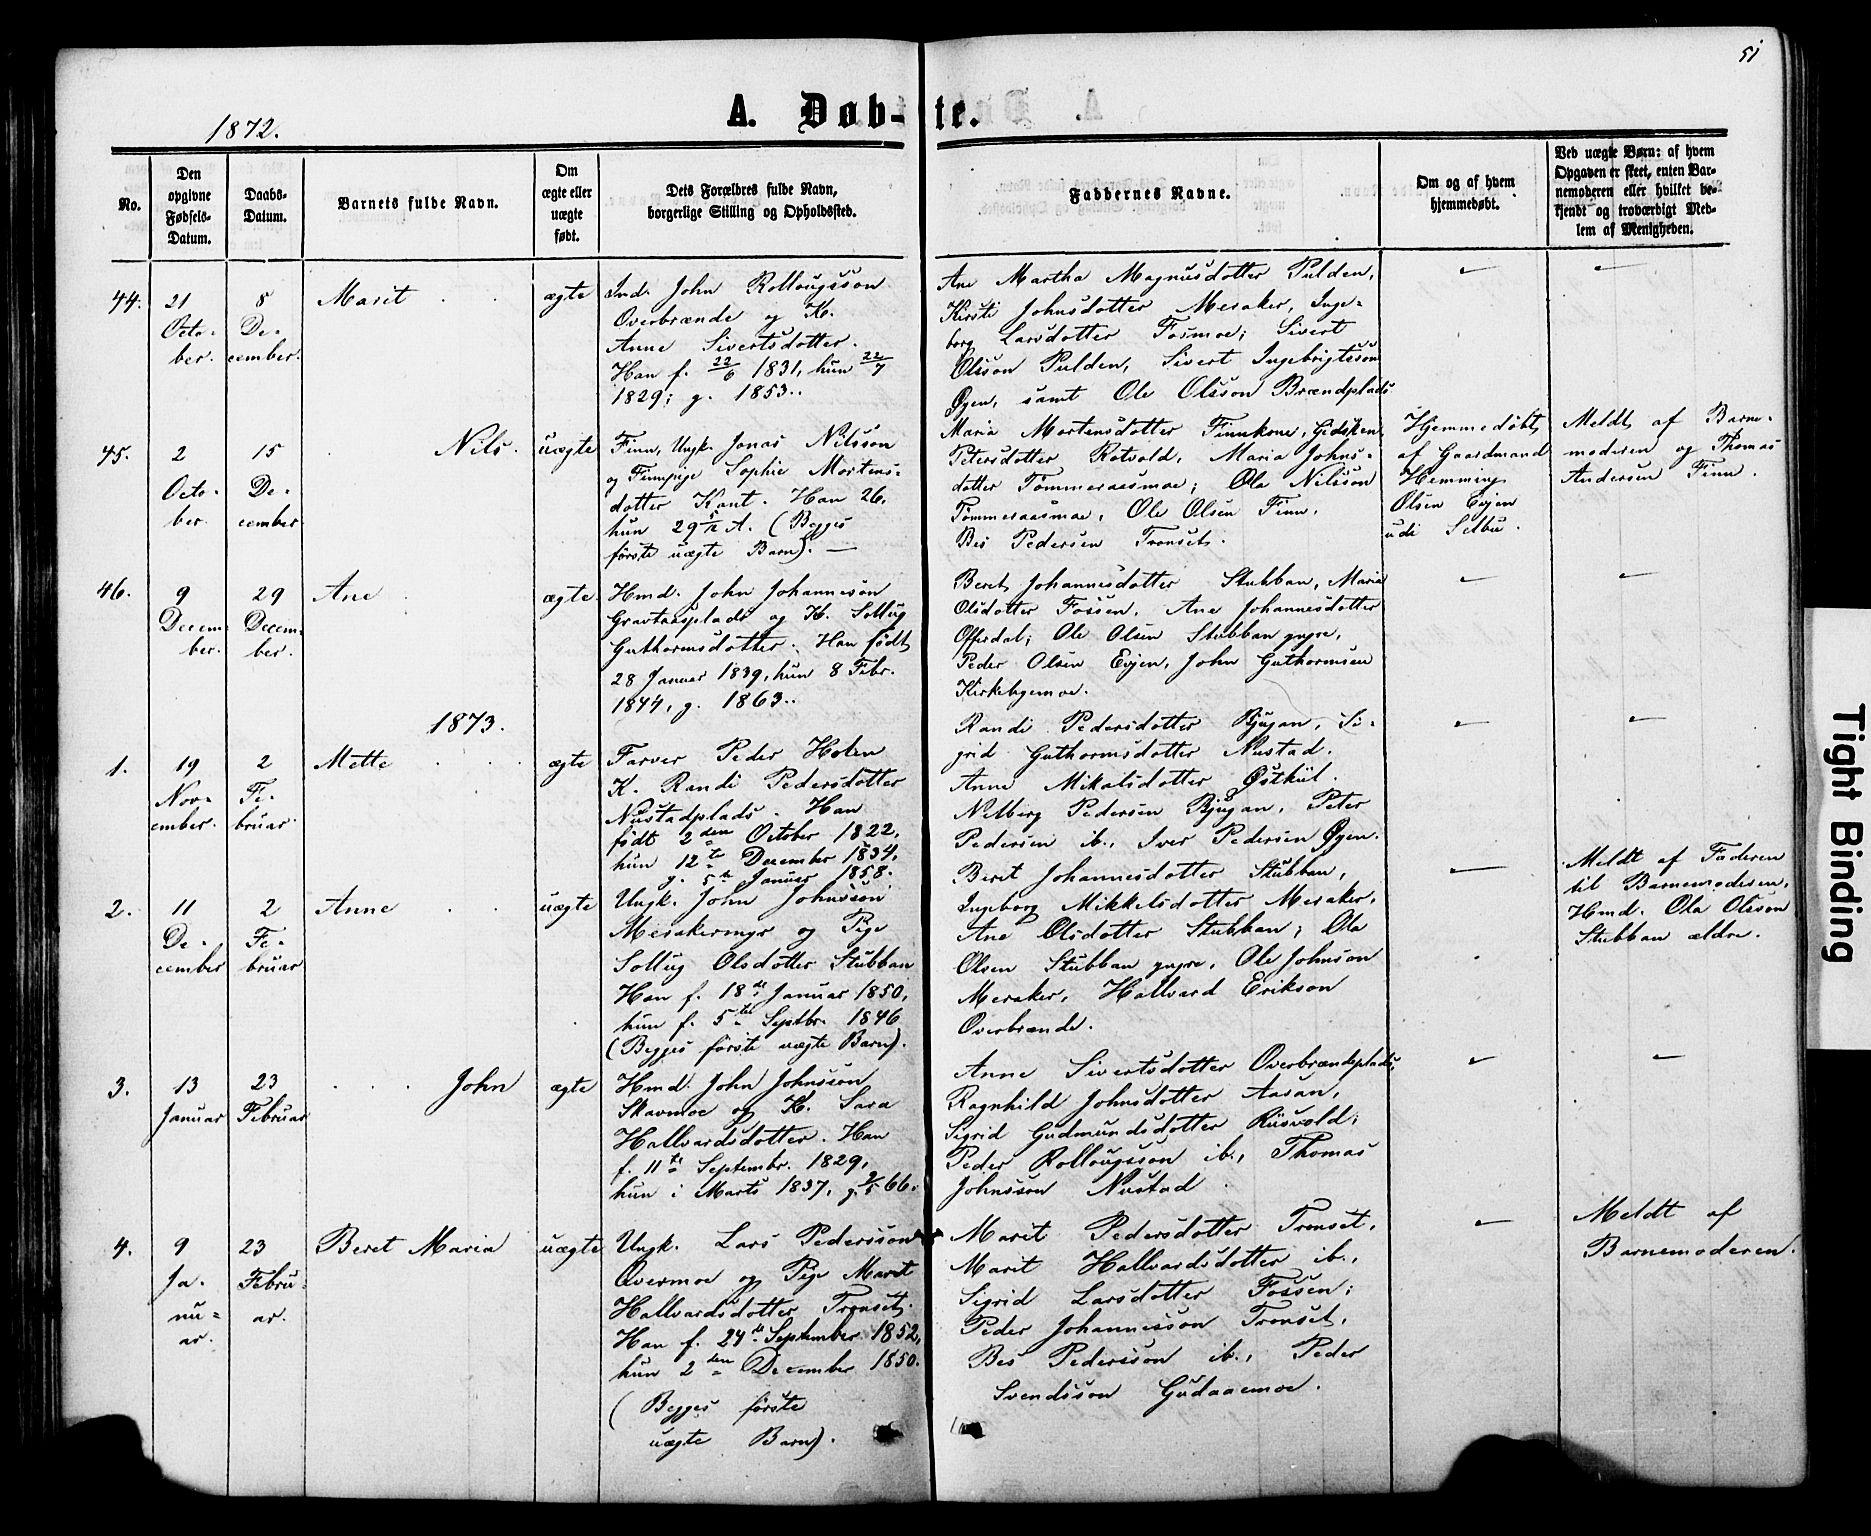 SAT, Ministerialprotokoller, klokkerbøker og fødselsregistre - Nord-Trøndelag, 706/L0049: Klokkerbok nr. 706C01, 1864-1895, s. 51